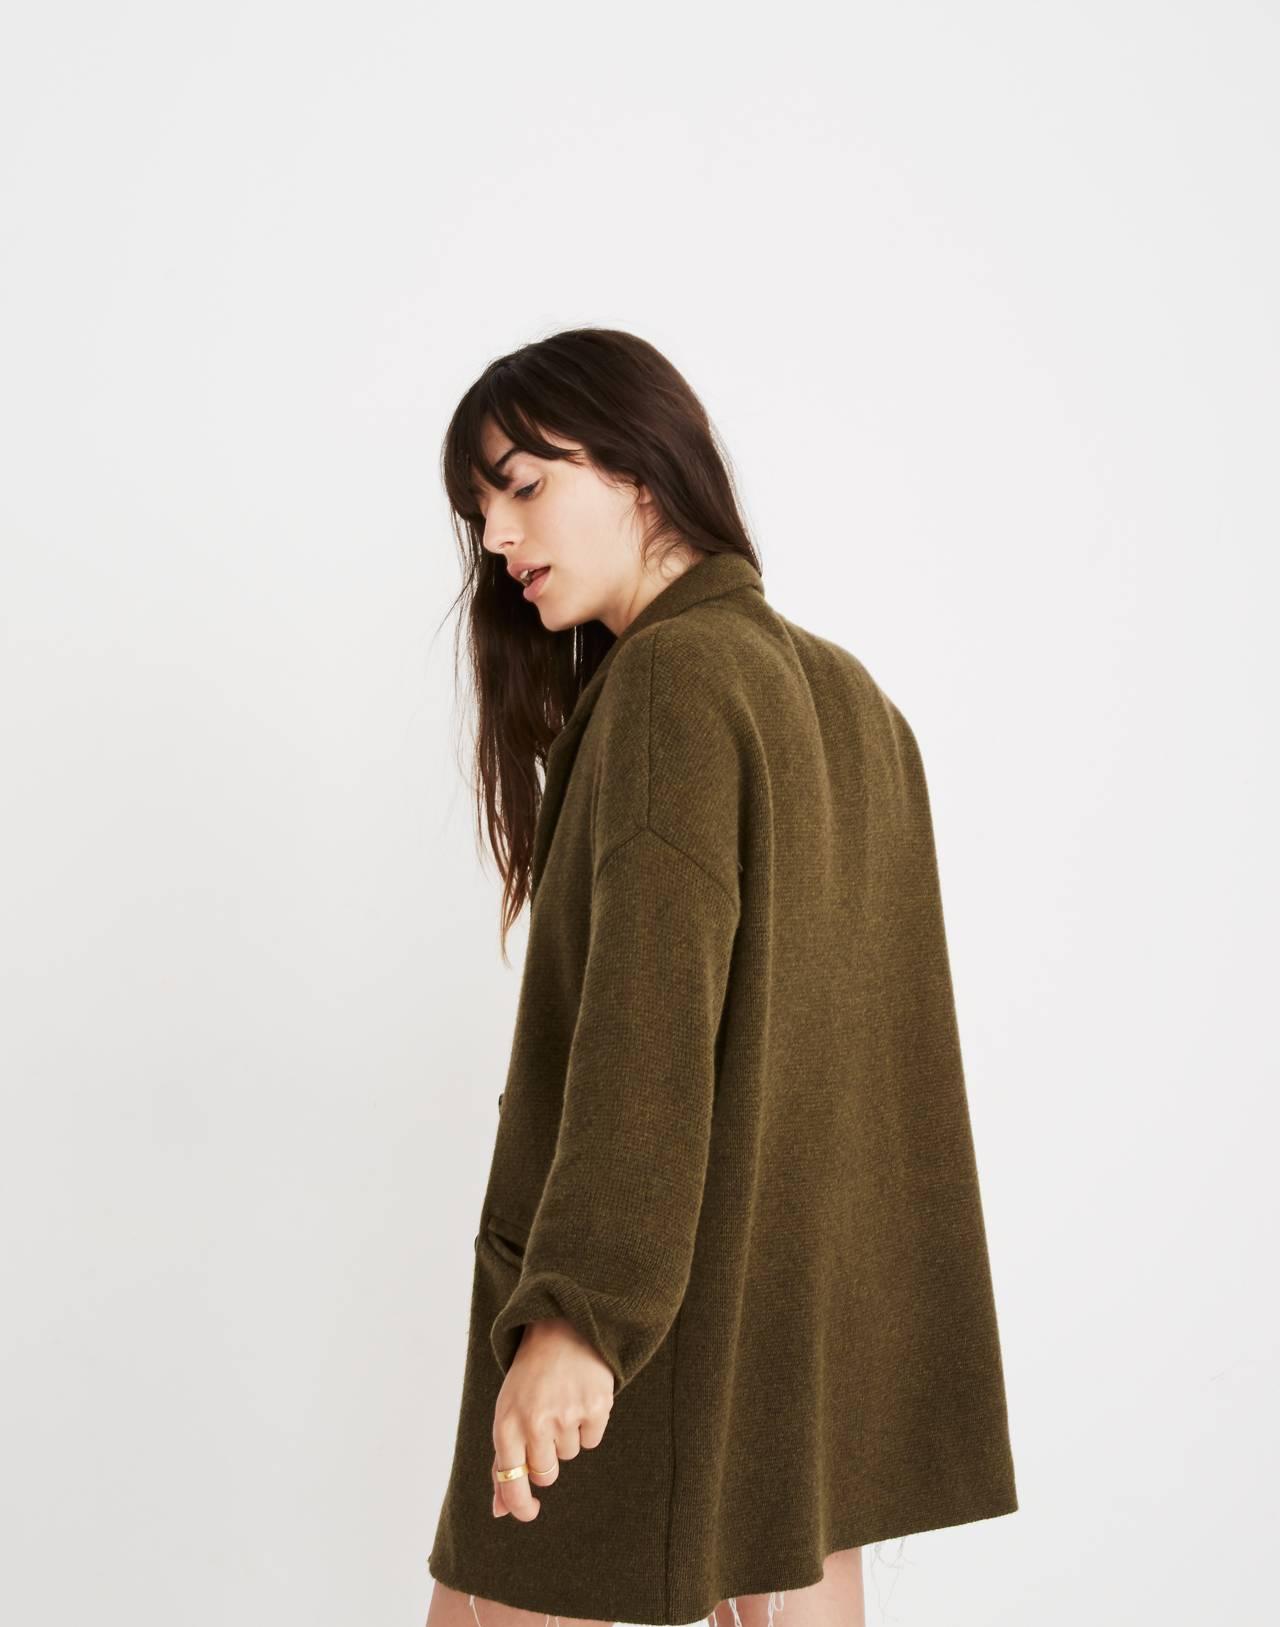 Blazer Sweater-Jacket in hthr elm image 3